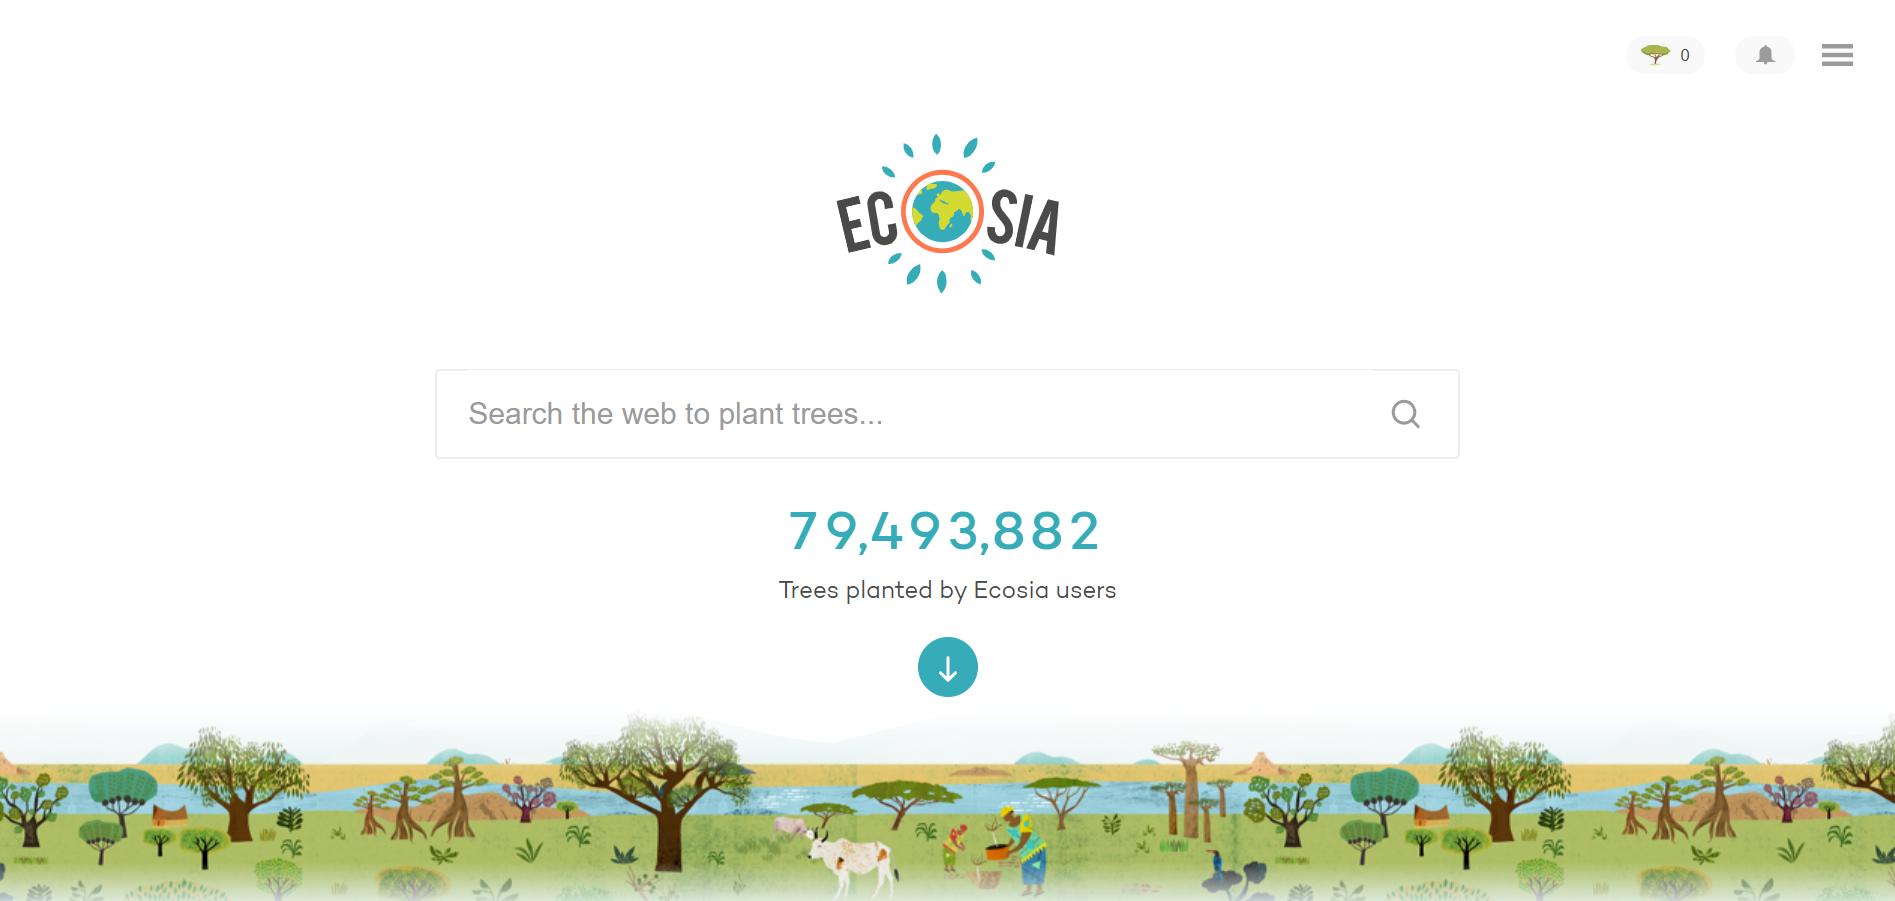 pagina inicial do site de buscas ecosia